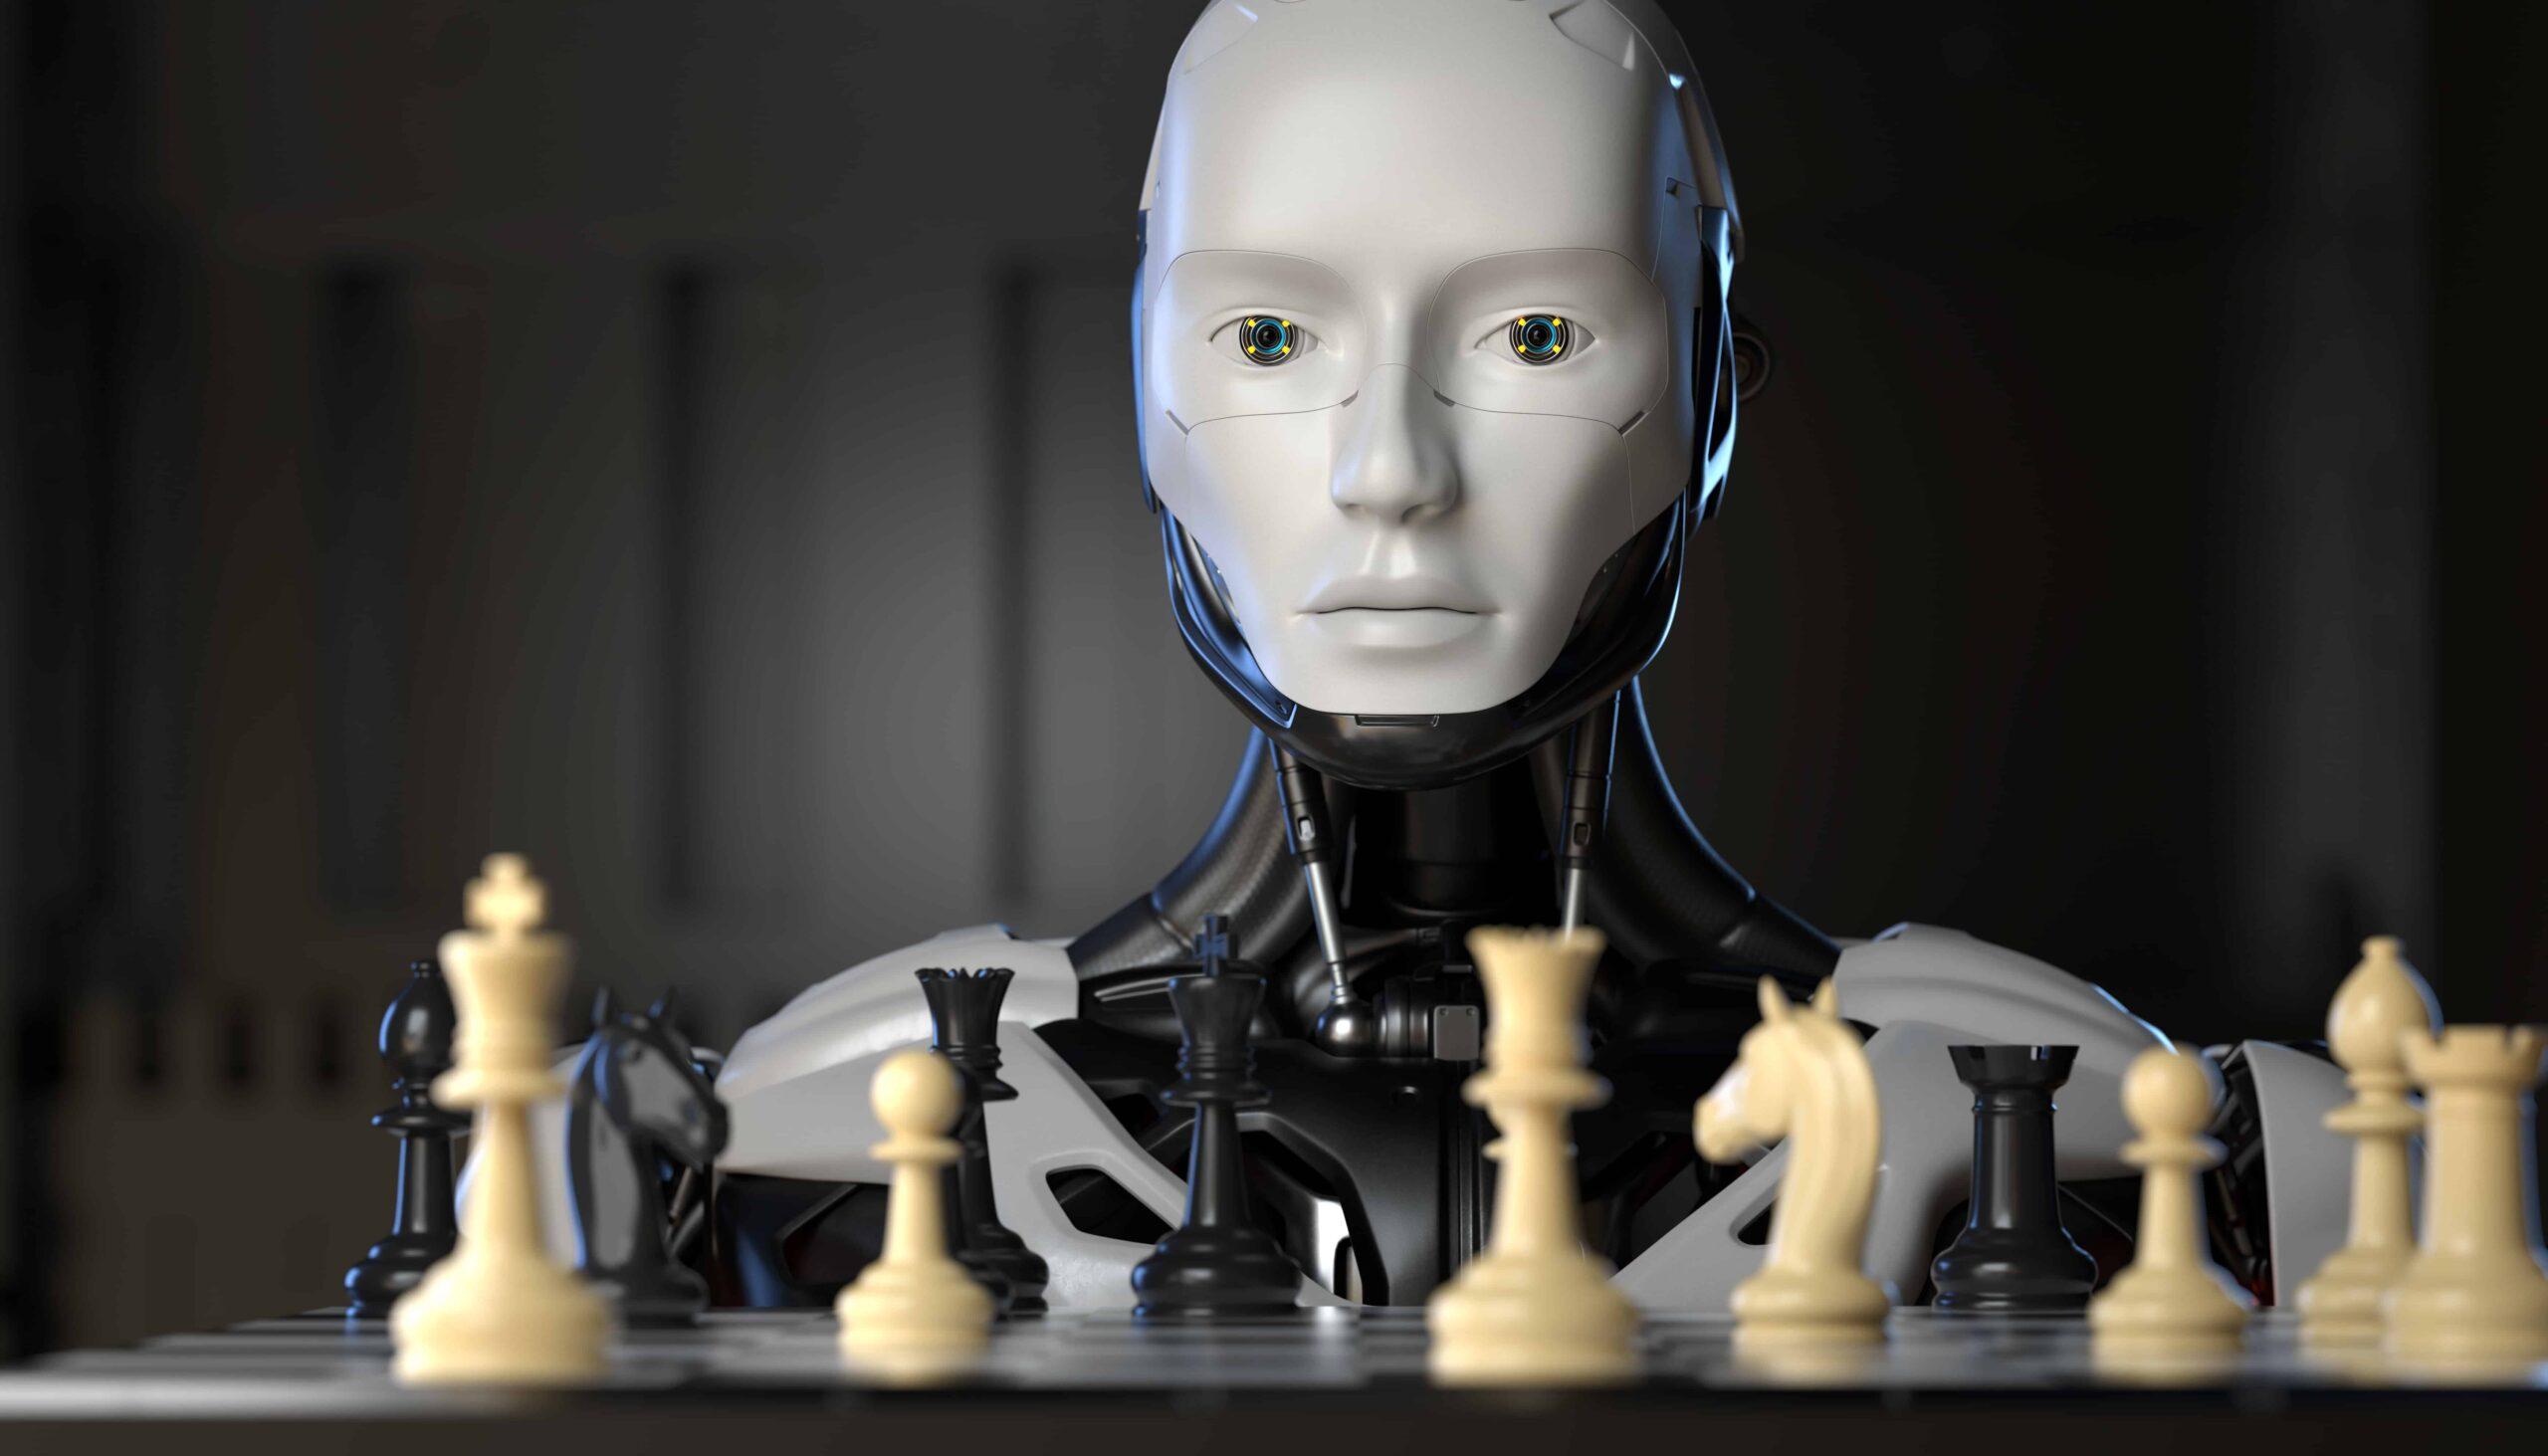 robot playing chess scaled ما هو التعلم العميق؟ وكيف يعمل؟